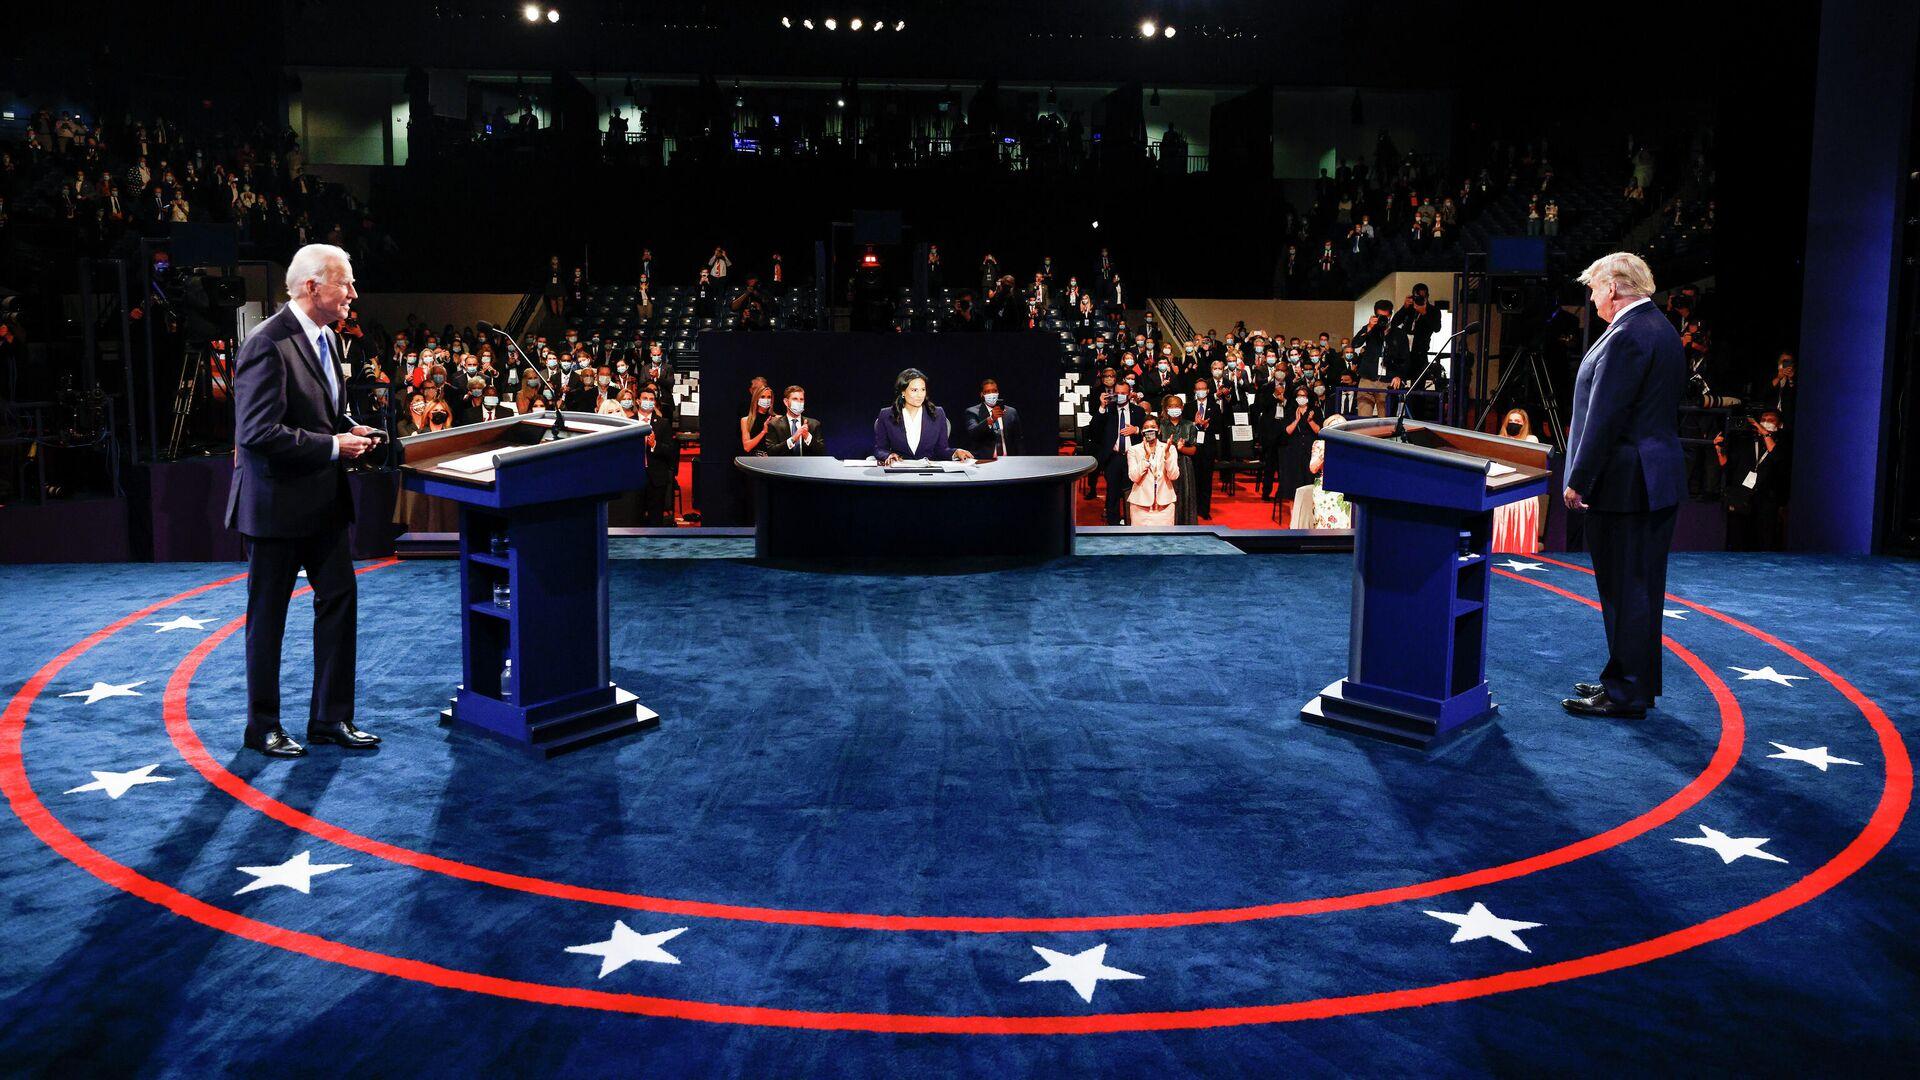 Президент США Дональд Трамп и кандидат в президенты США от Демократической партии Джо Байден во время финальных дебатов в Нэшвилле - РИА Новости, 1920, 26.10.2020